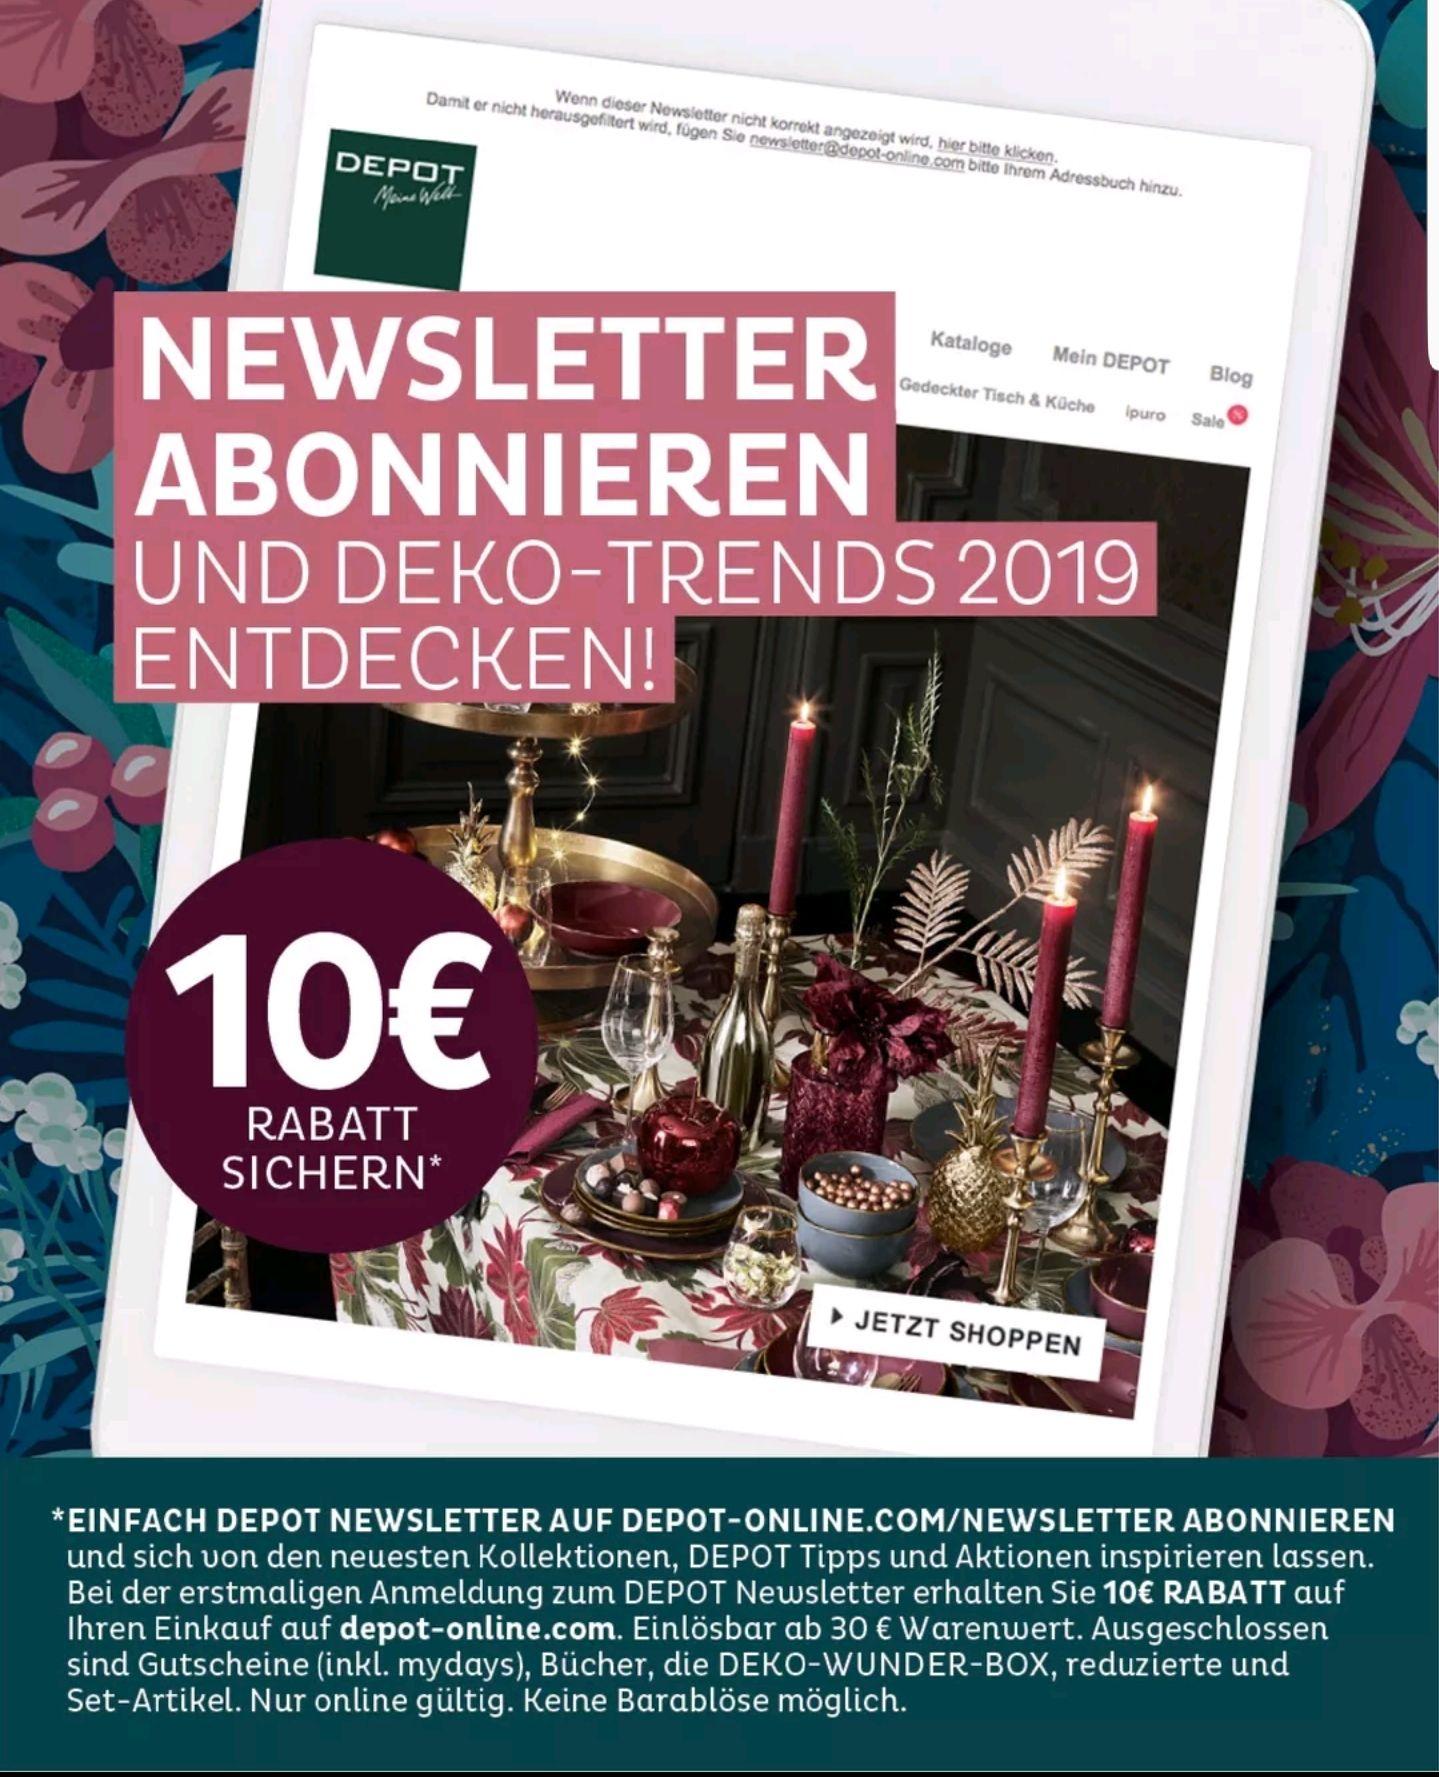 DEPOT 5€ Newsletterrabatt ab 30€ Mindestbestellwert